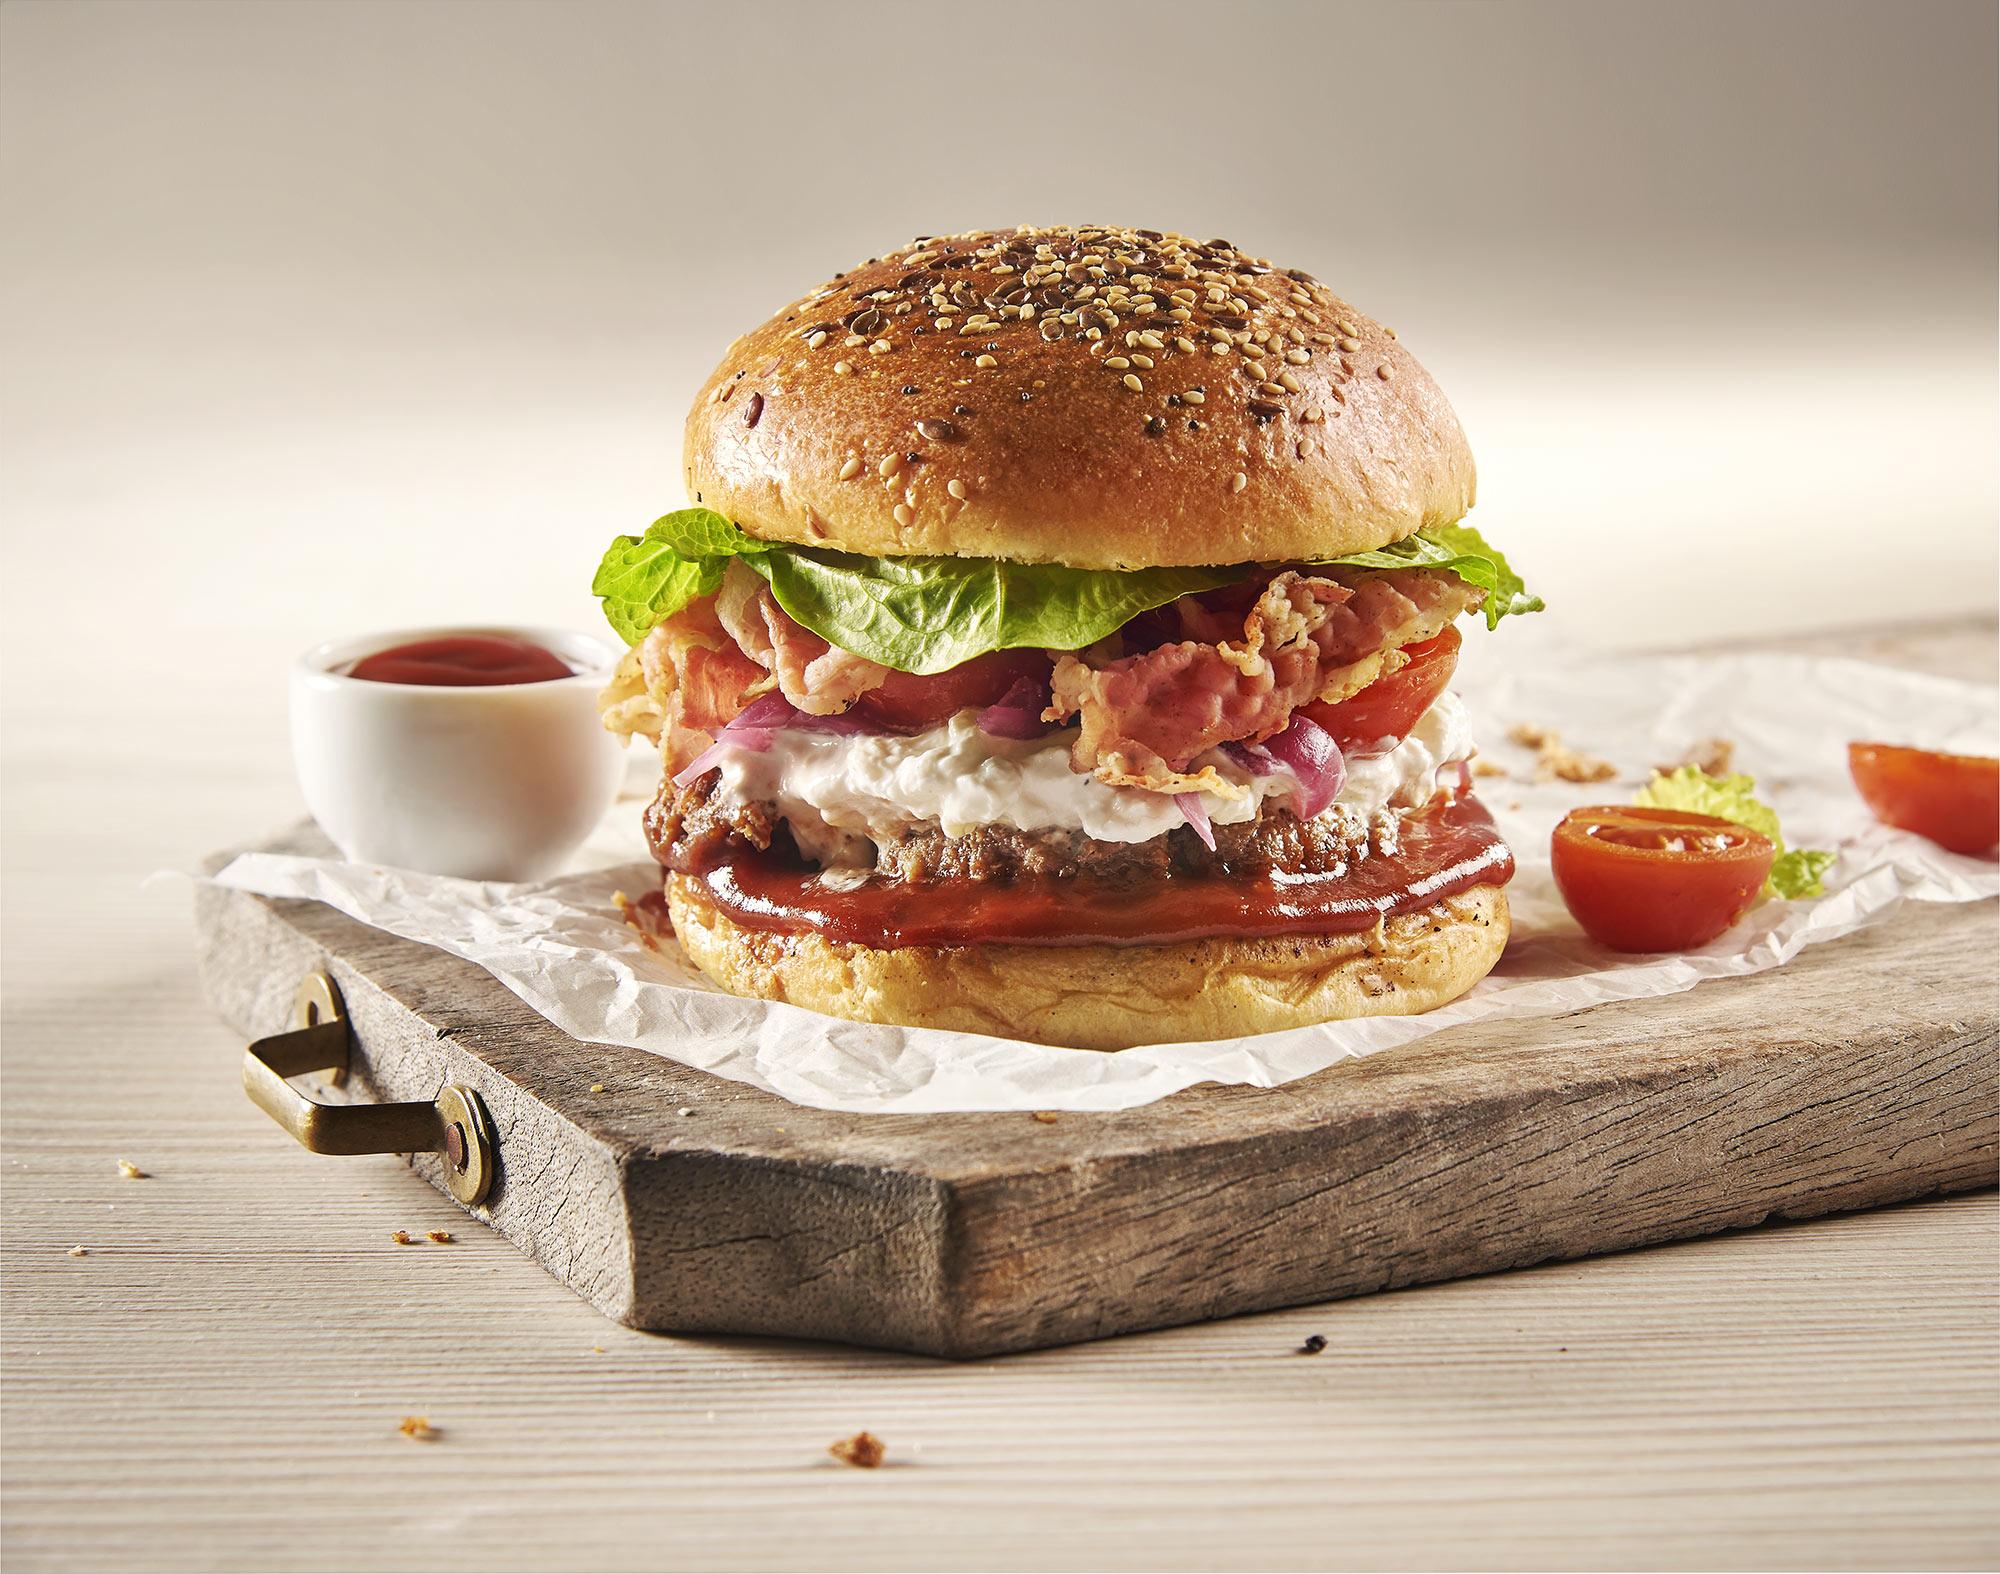 Ecooking Miniburger Hamburger Food Shot by Fotografando